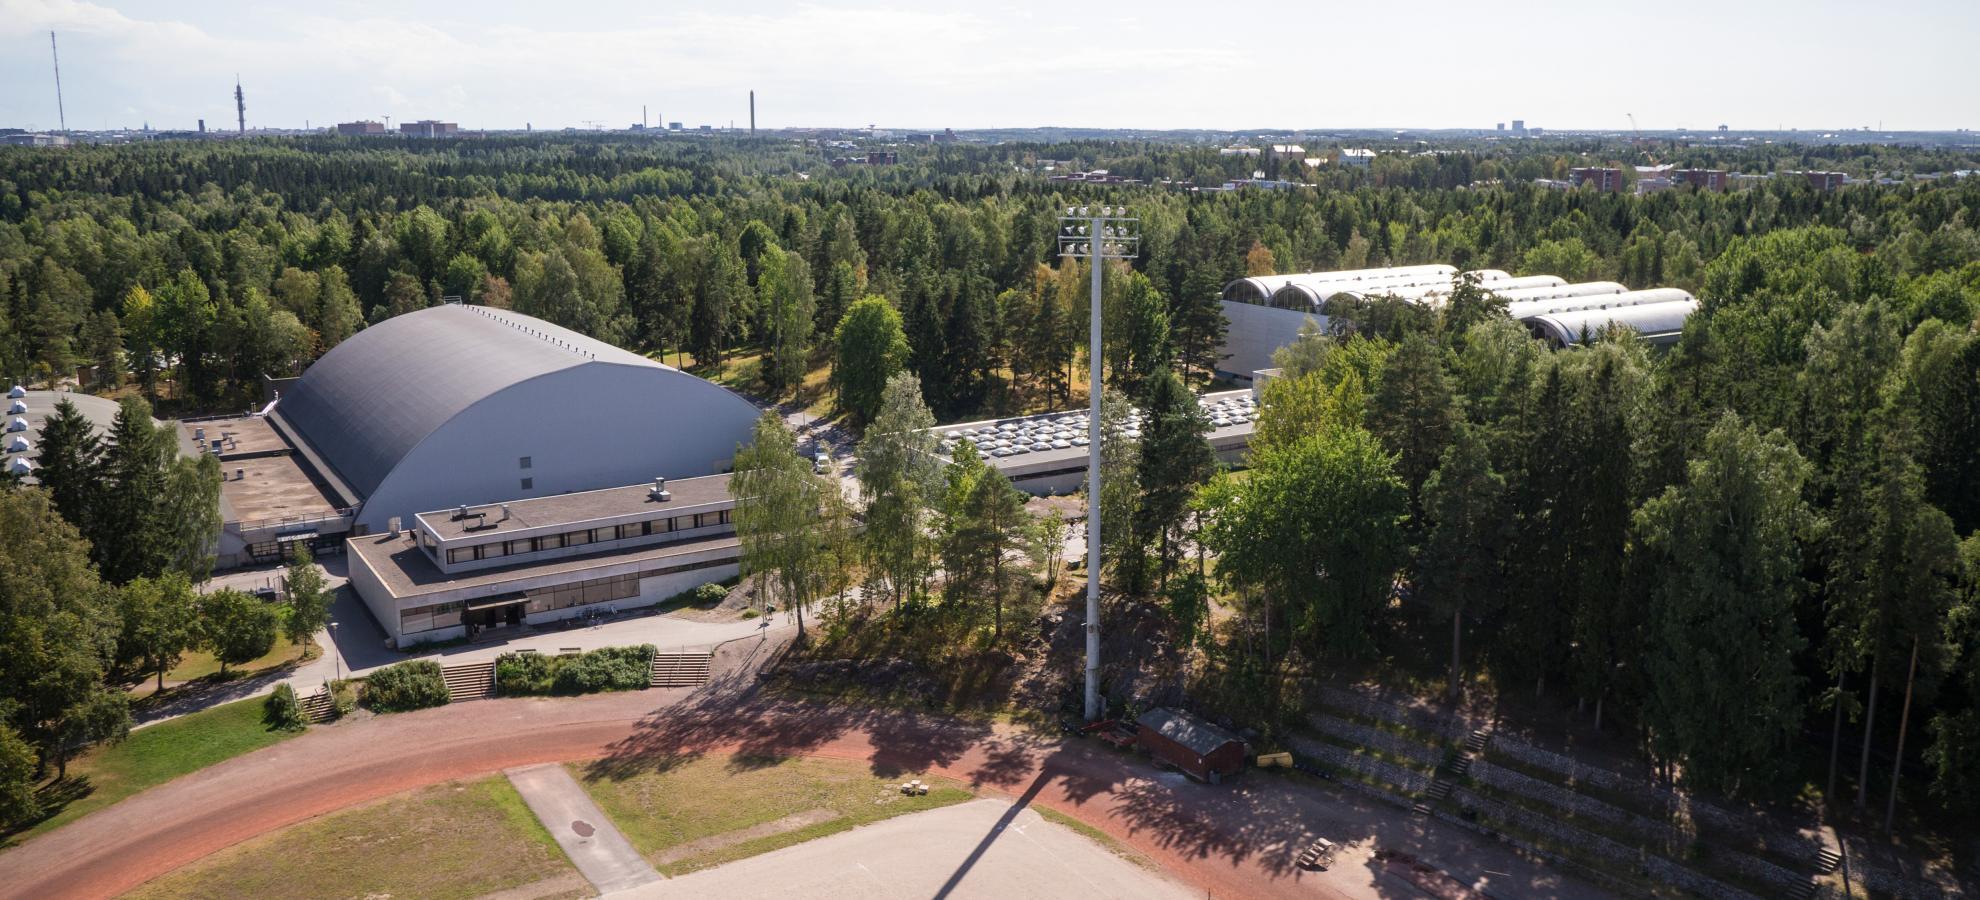 Pirkkolan Liikuntapuisto